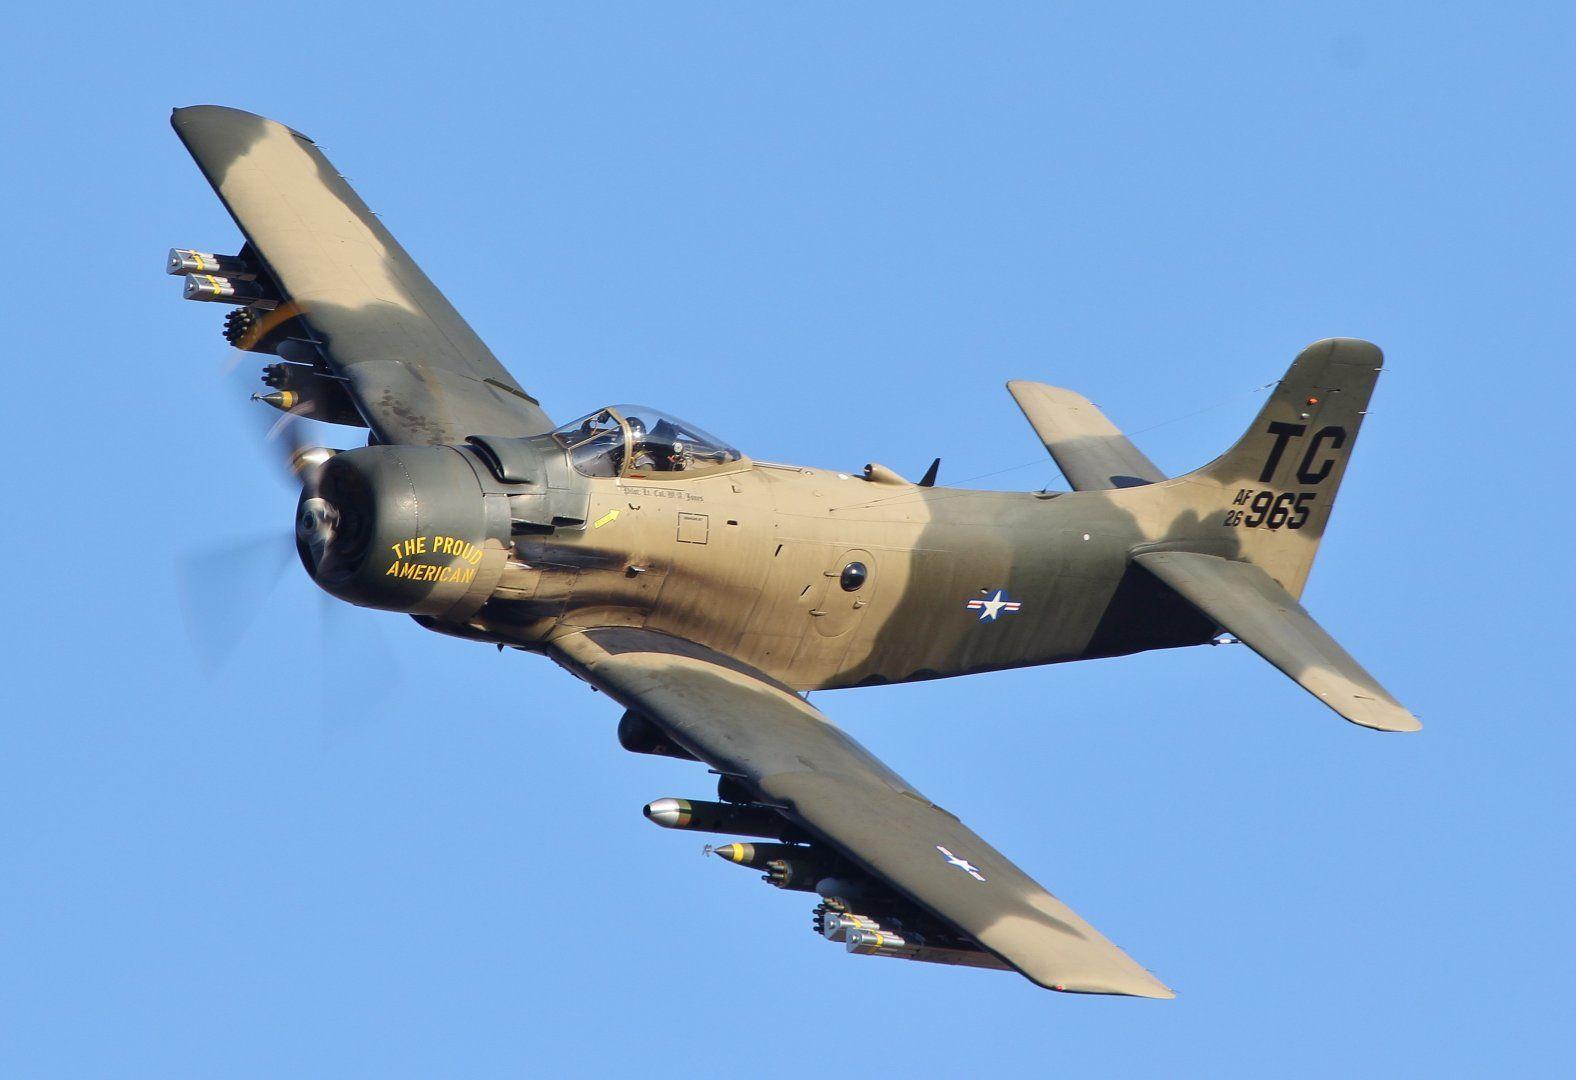 Douglas_A-1_Skyraider_(AD-4NA,_126965)_(7911148090).jpg